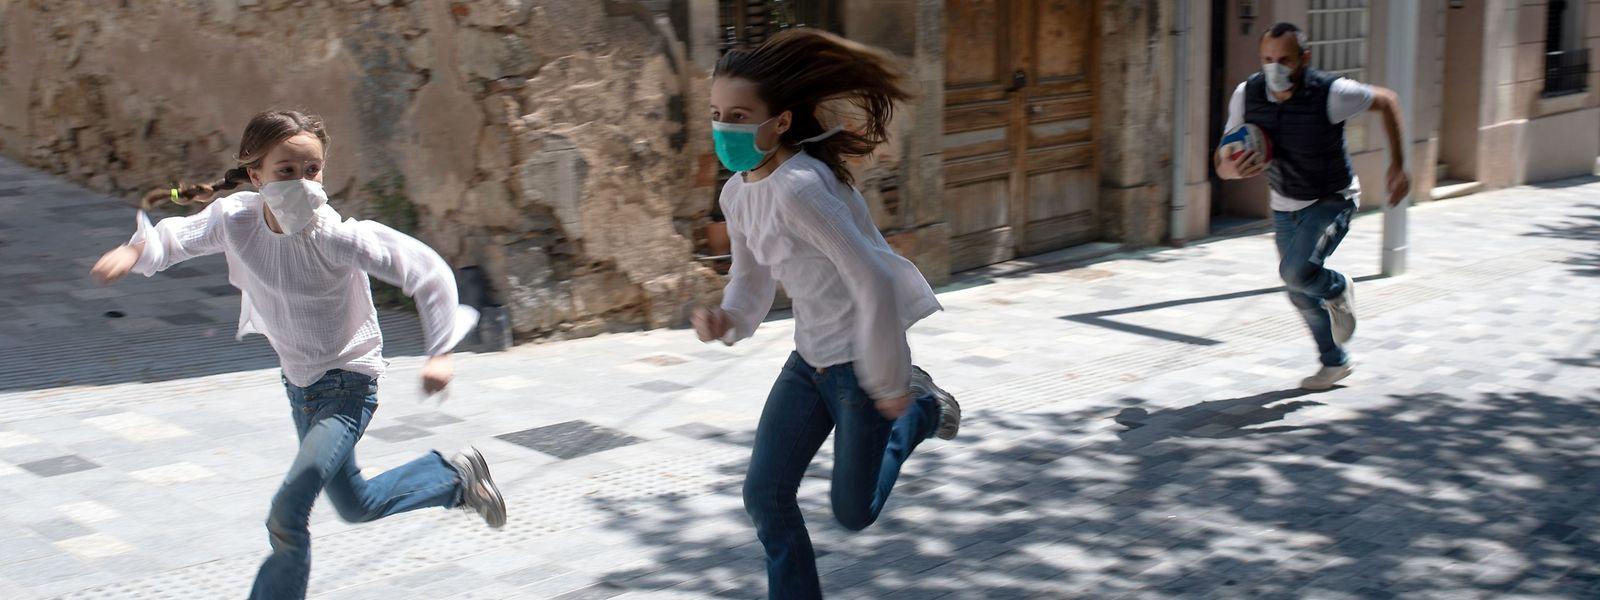 En Espagne, les enfants ont pu recommencer à sortir dans les rues après six semaines de déconfinement.